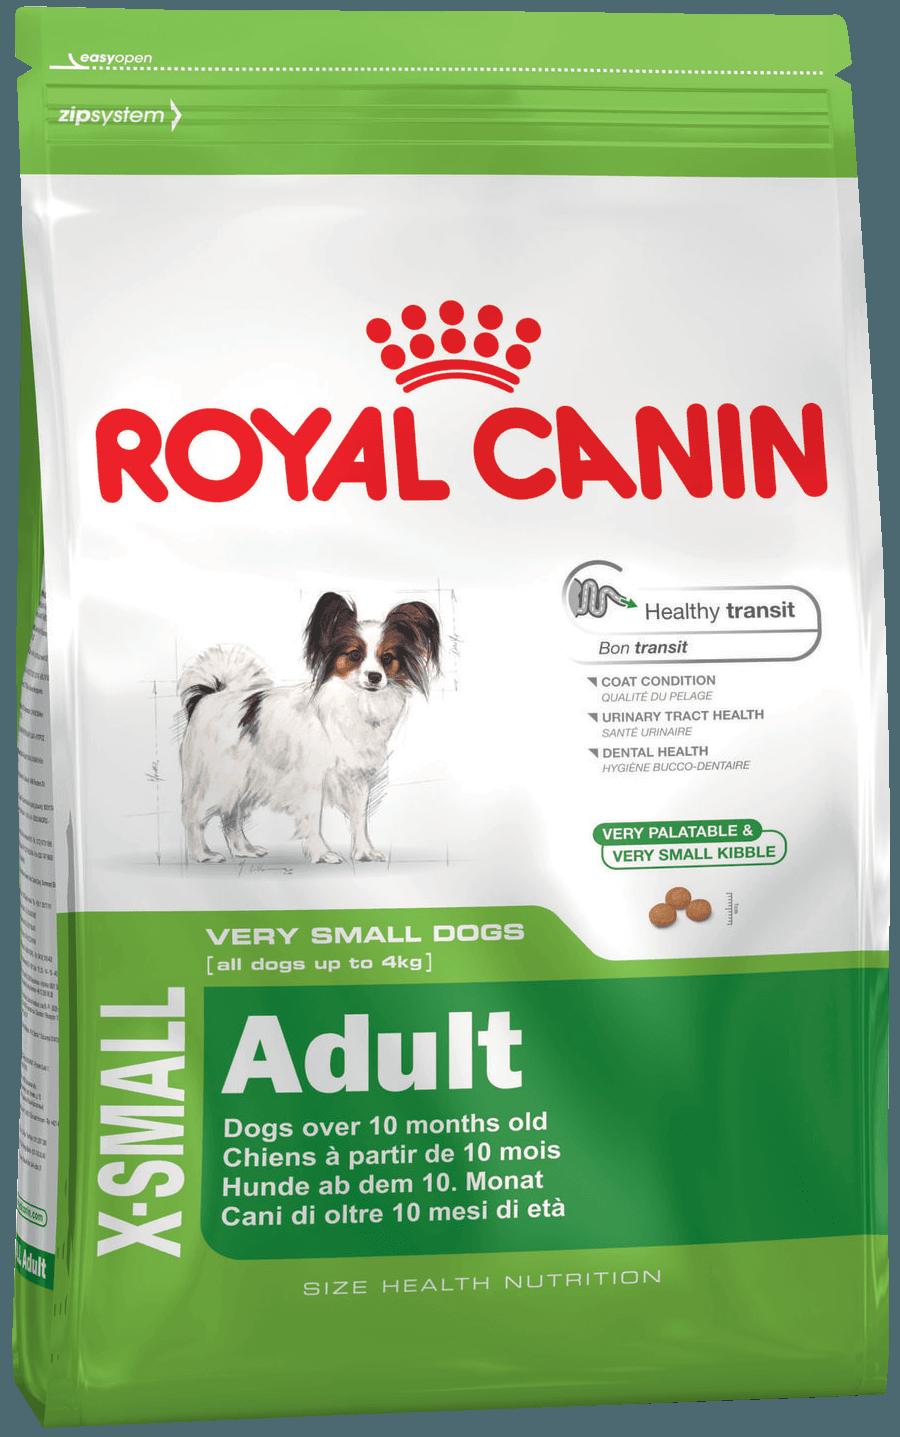 Royal Canin Икс Смол Эдалт 0,5кг (уп10) Kormberi.ru магазин товаров для ваших животных